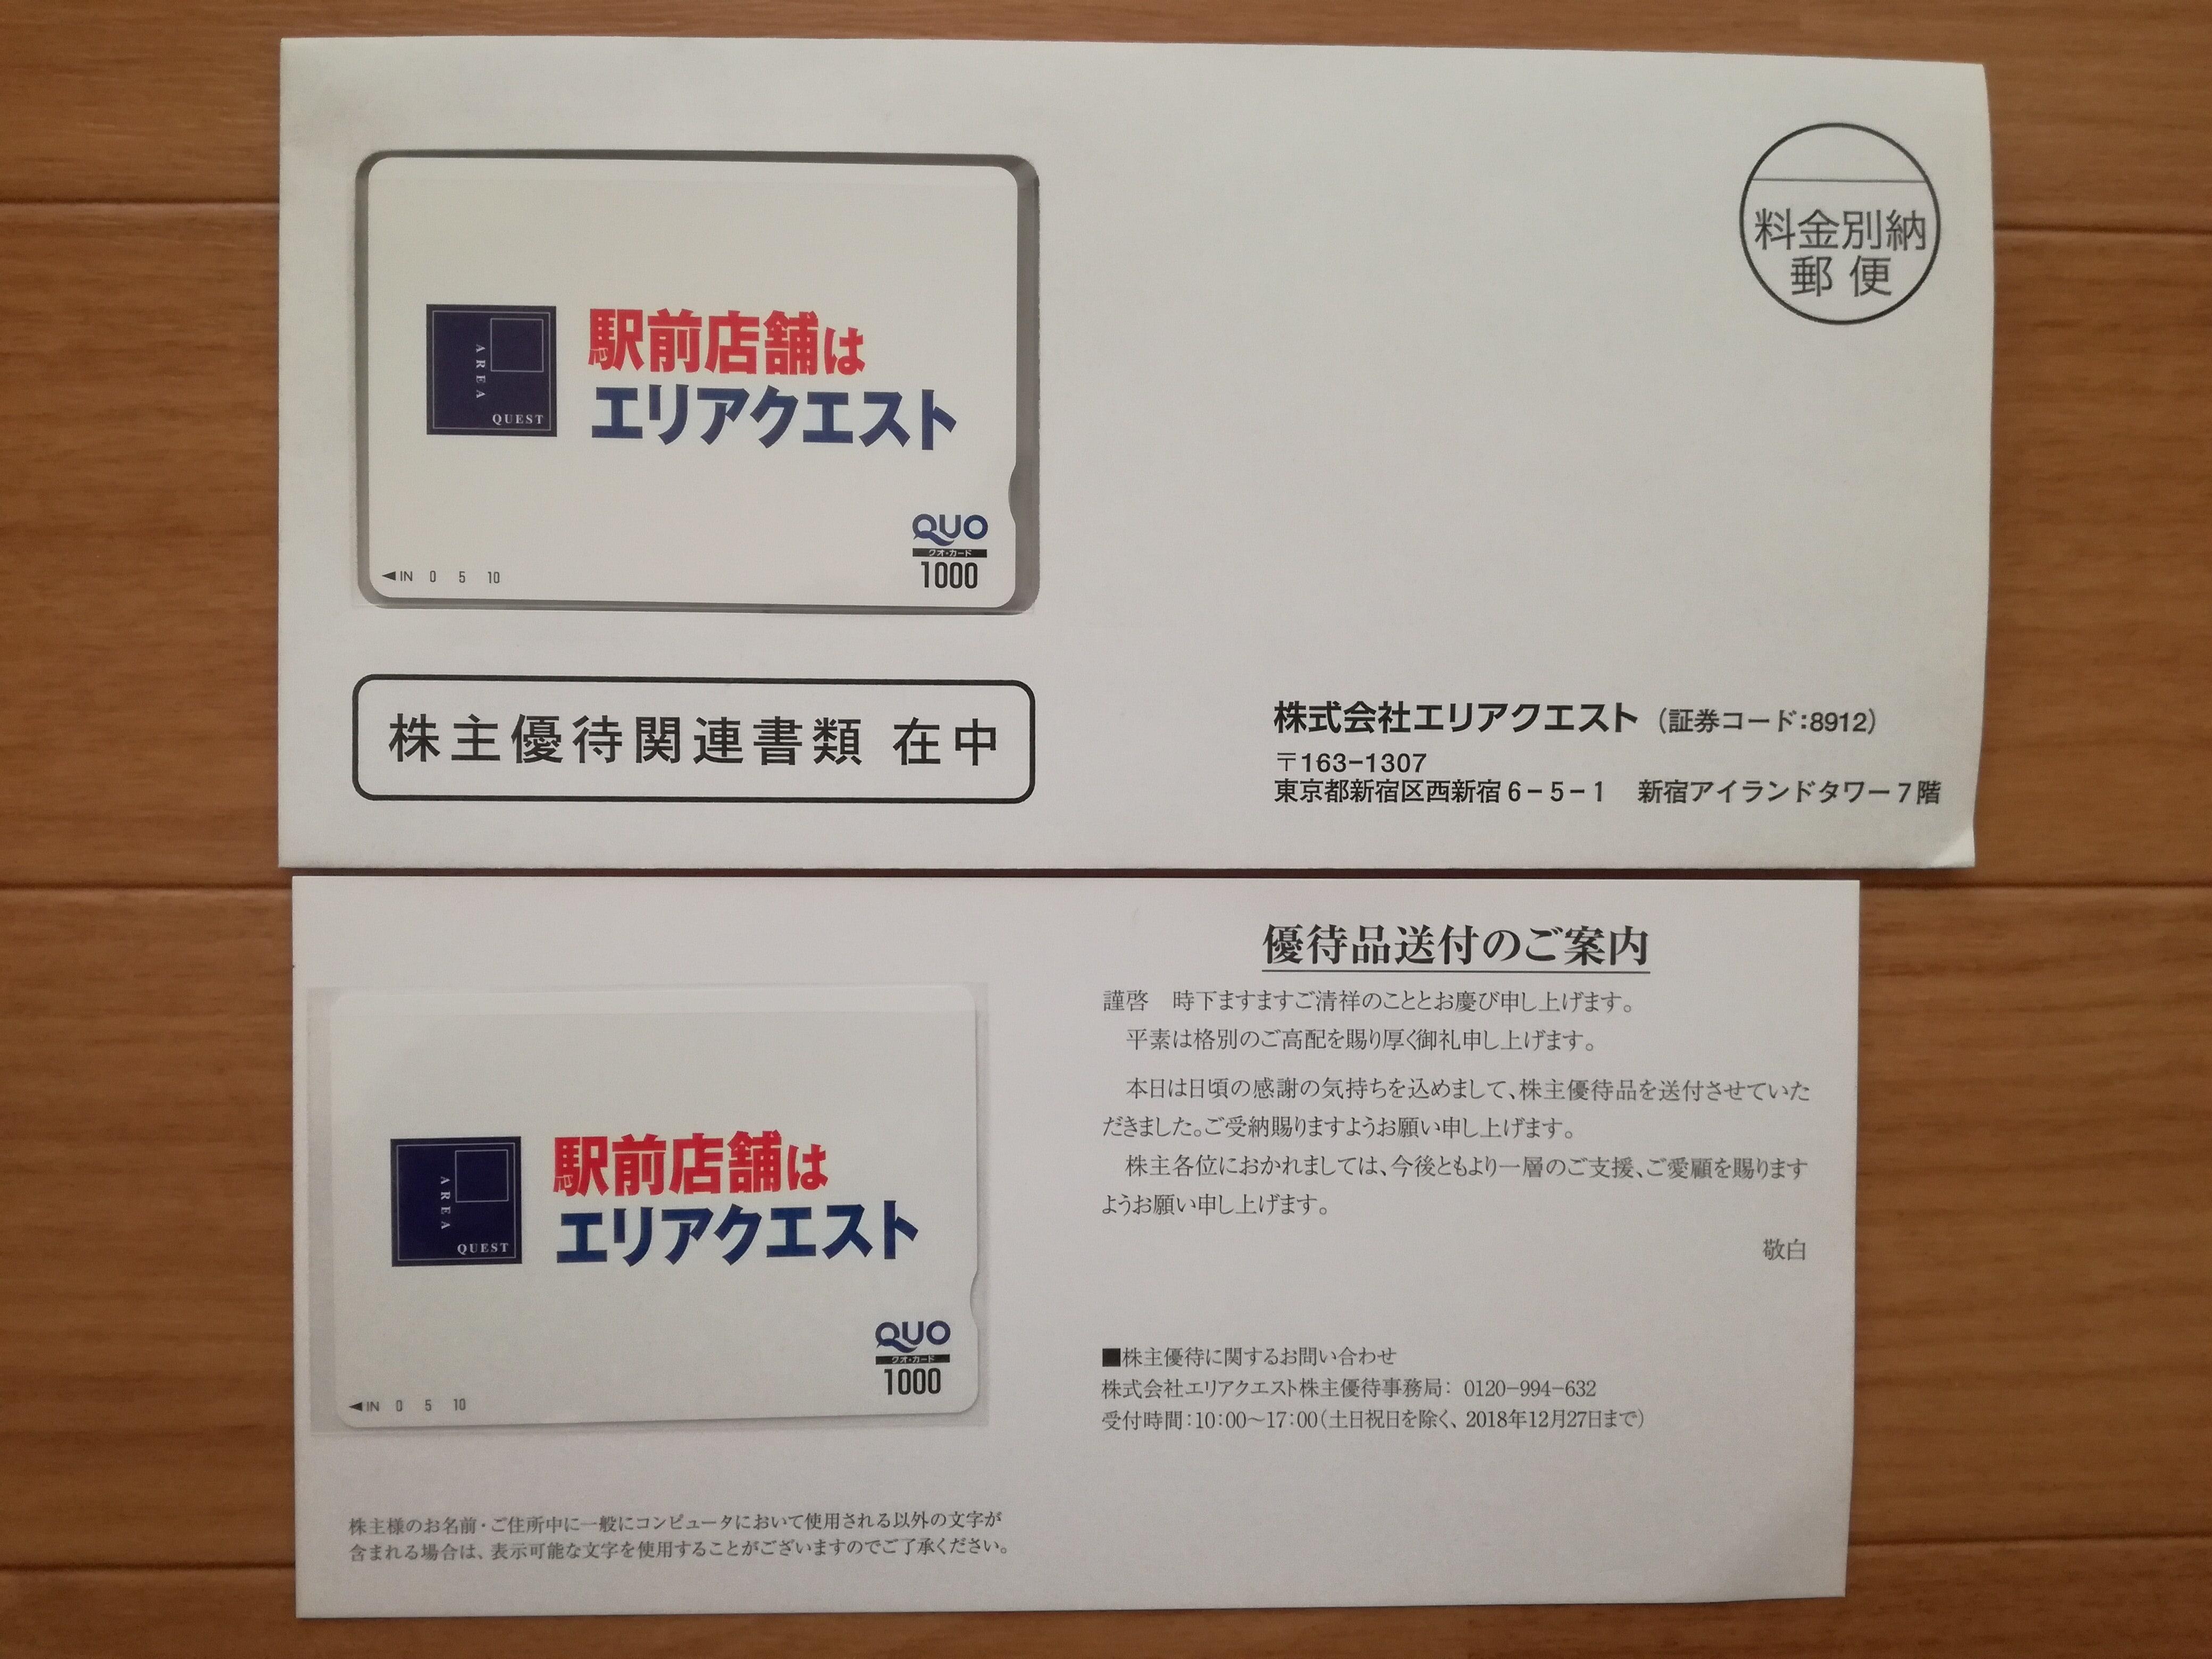 株主優待を廃止したエリアクエスト(8912)から最初で最後のクオカードが到着!